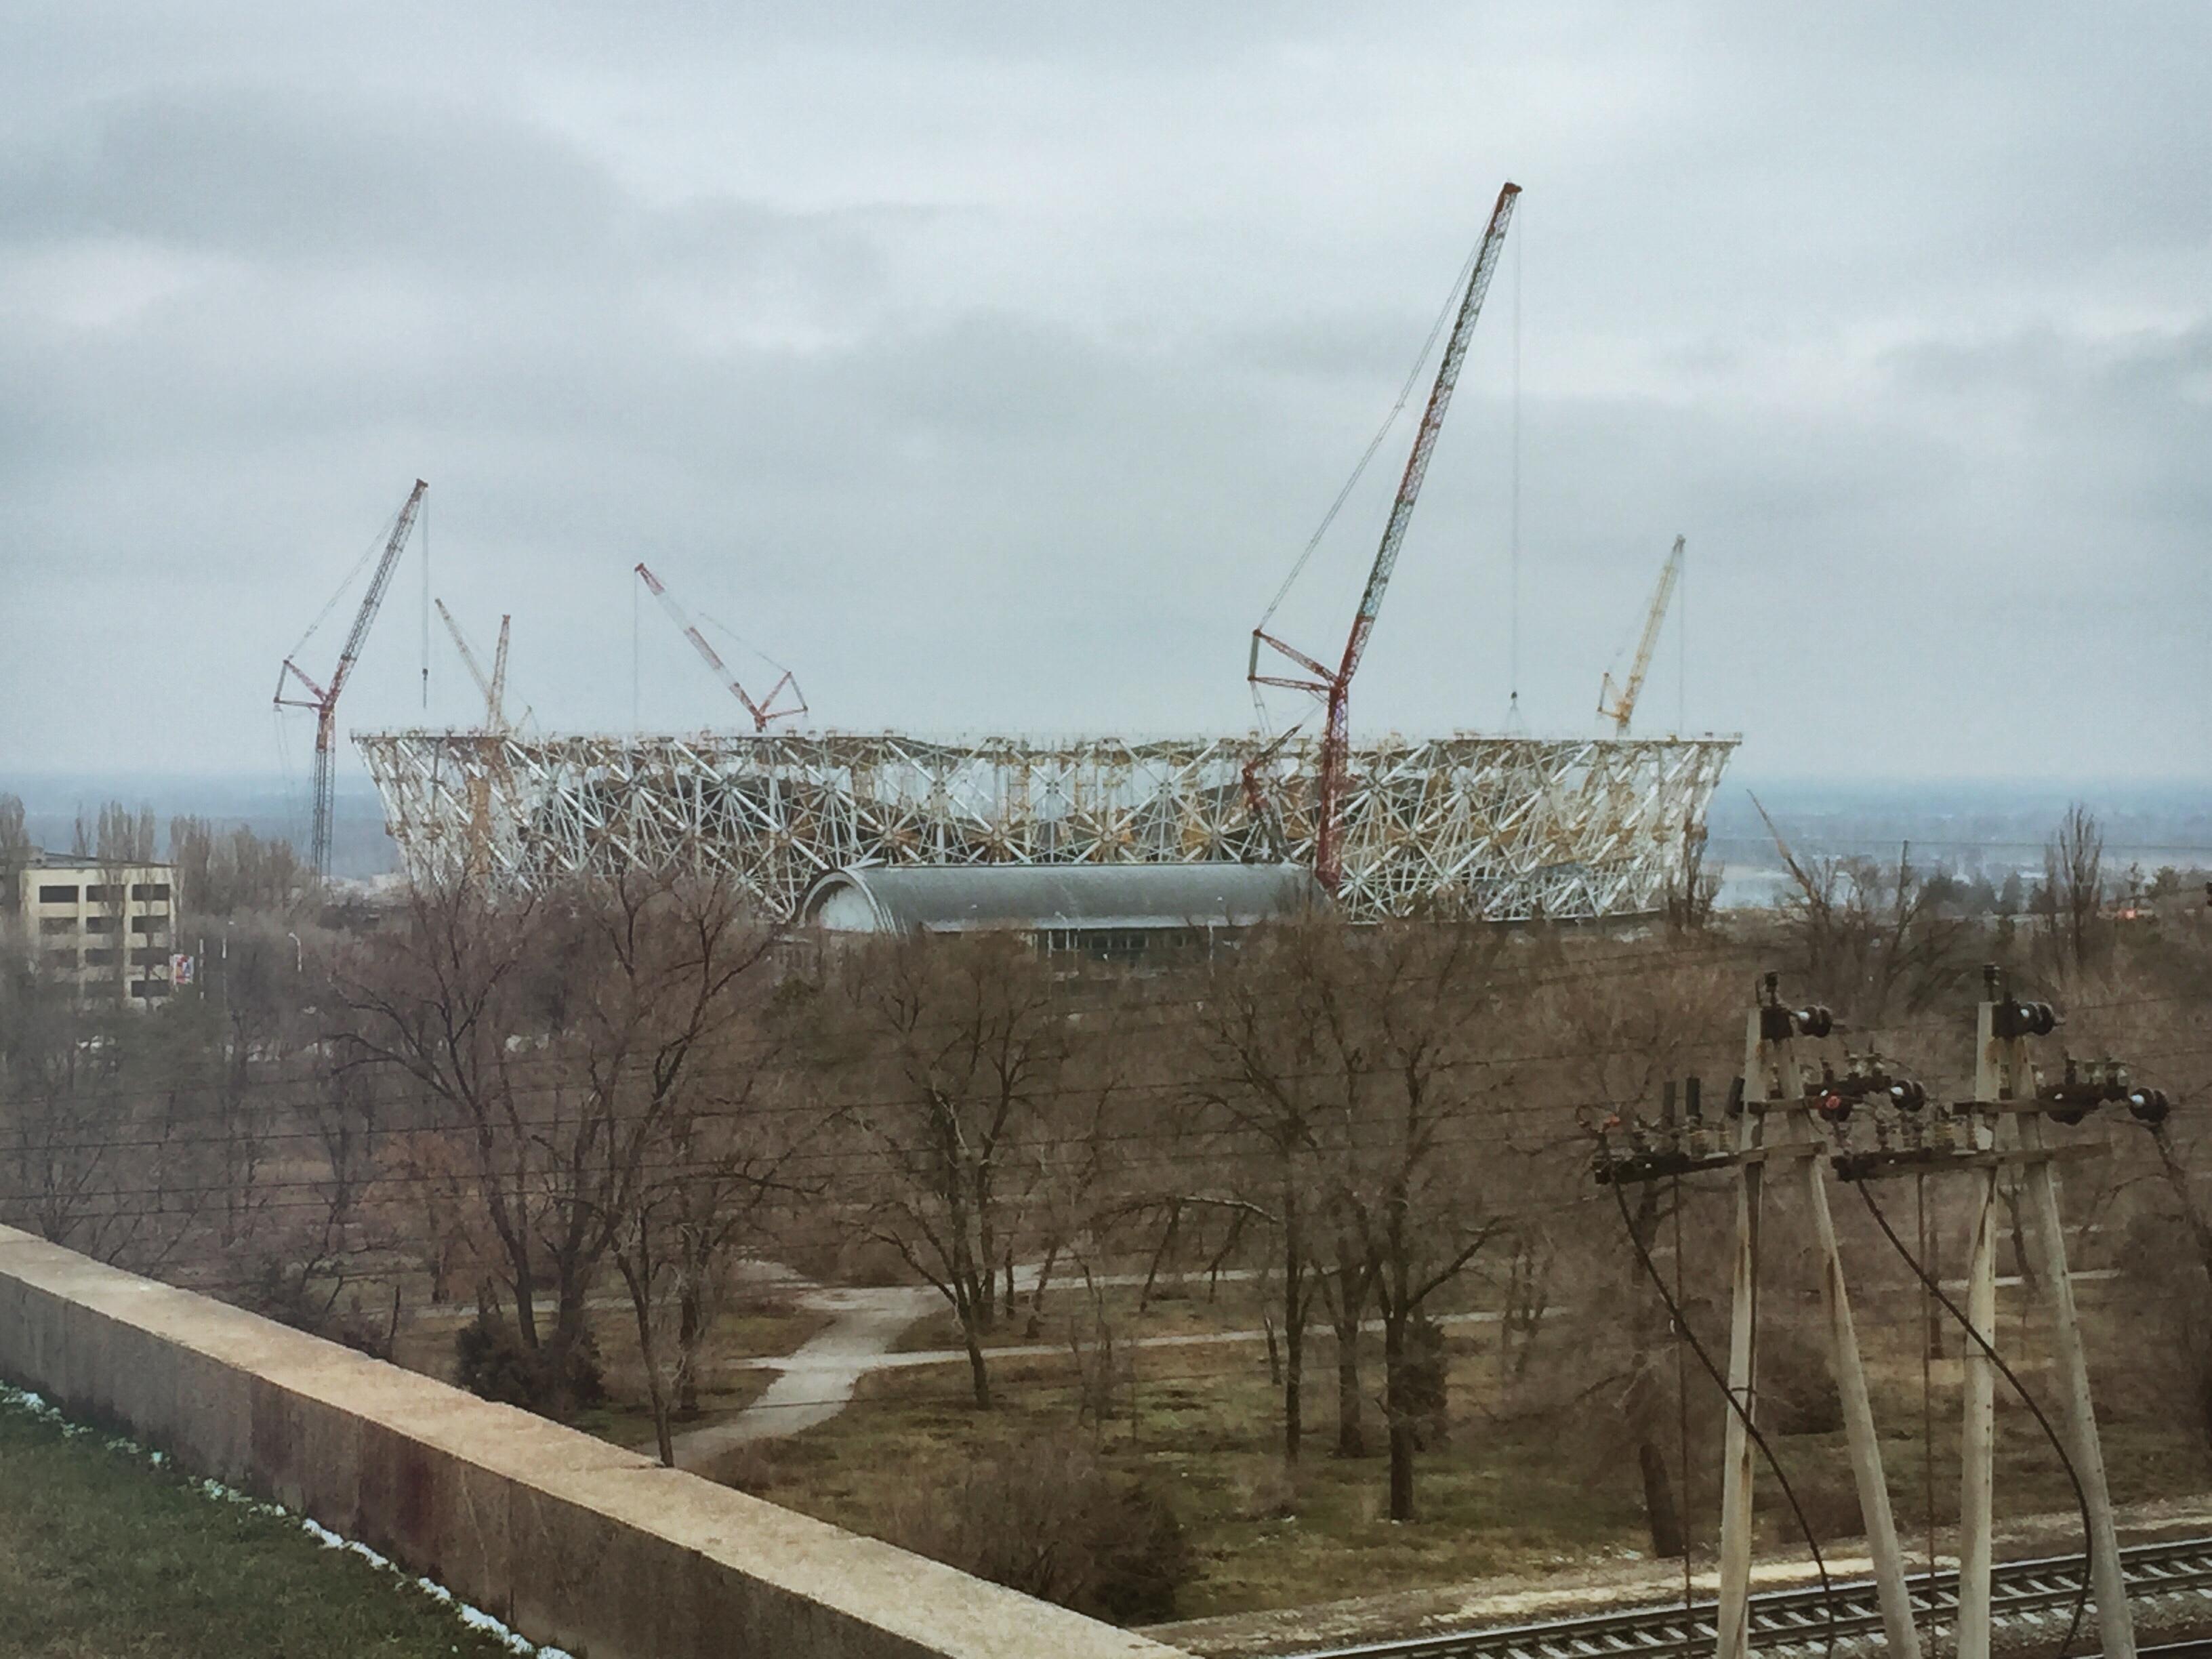 Der Blick vom Standort der Statue auf die Baustelle